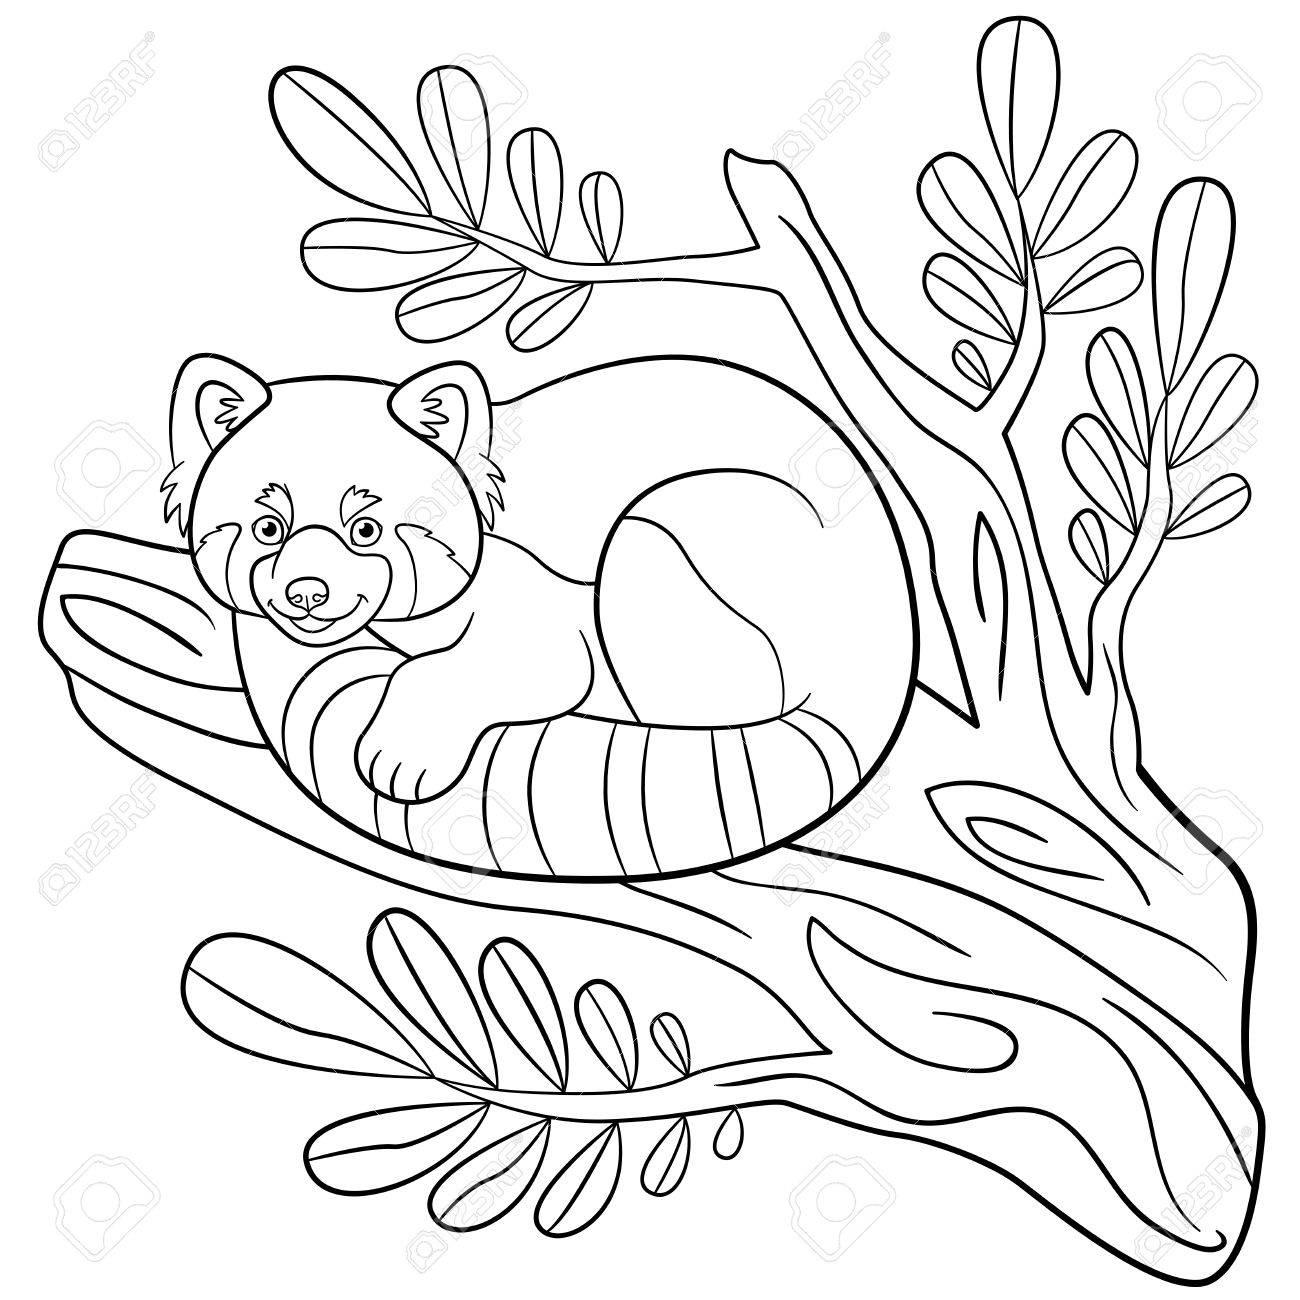 Malvorlagen. Kleine Süße Rote Panda Sitzt Auf Dem Ast Und Lächelt